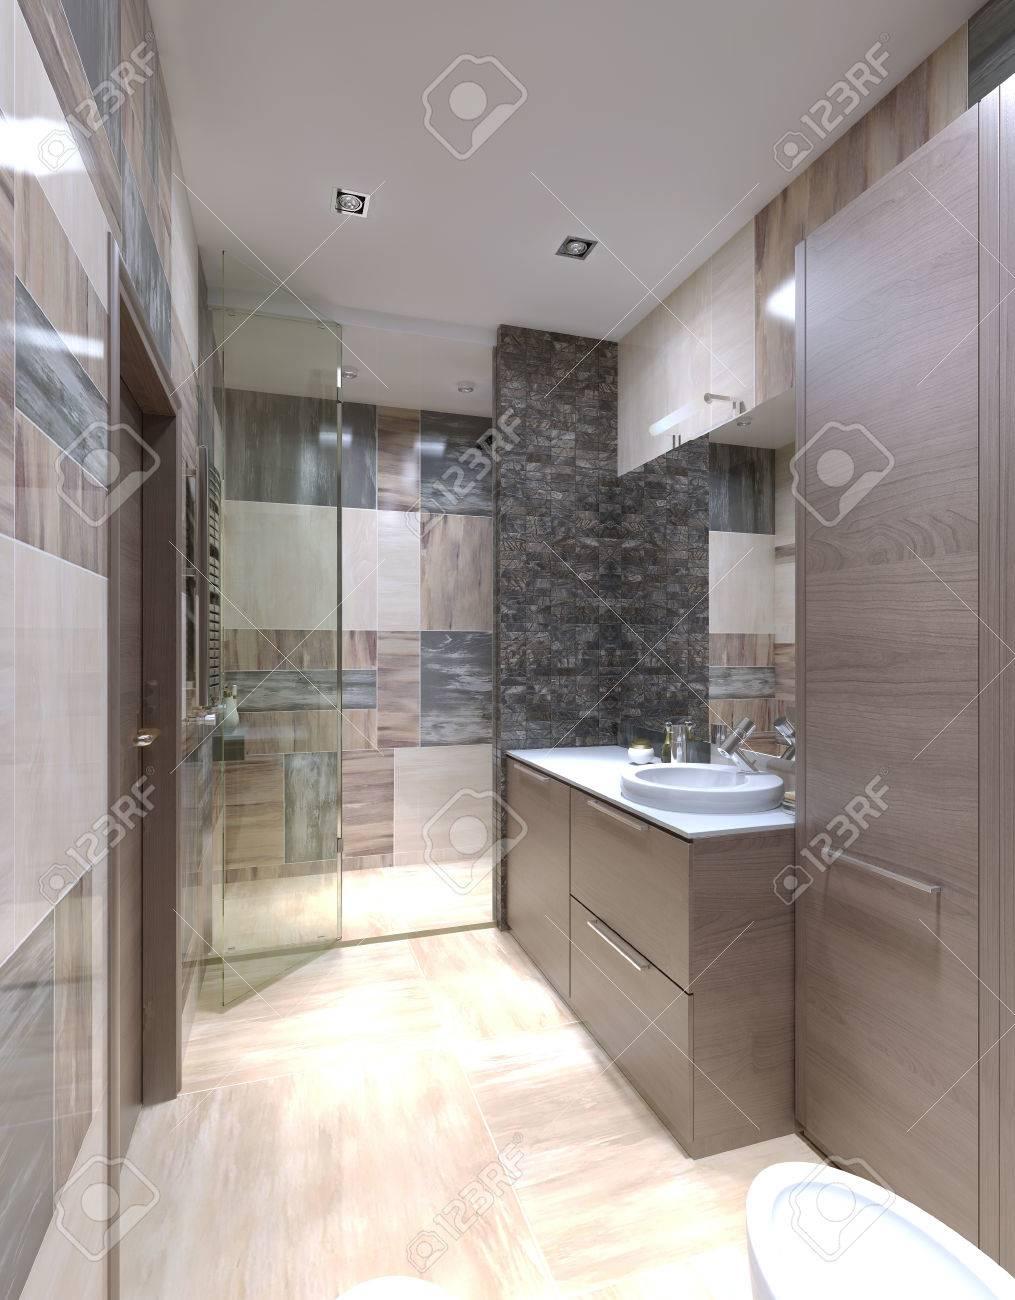 Cuarto de baño de estilo moderno. Paredes de azulejos mixtas, muebles de  color marrón claro, mueble con encimera blanca brillante. 3D render